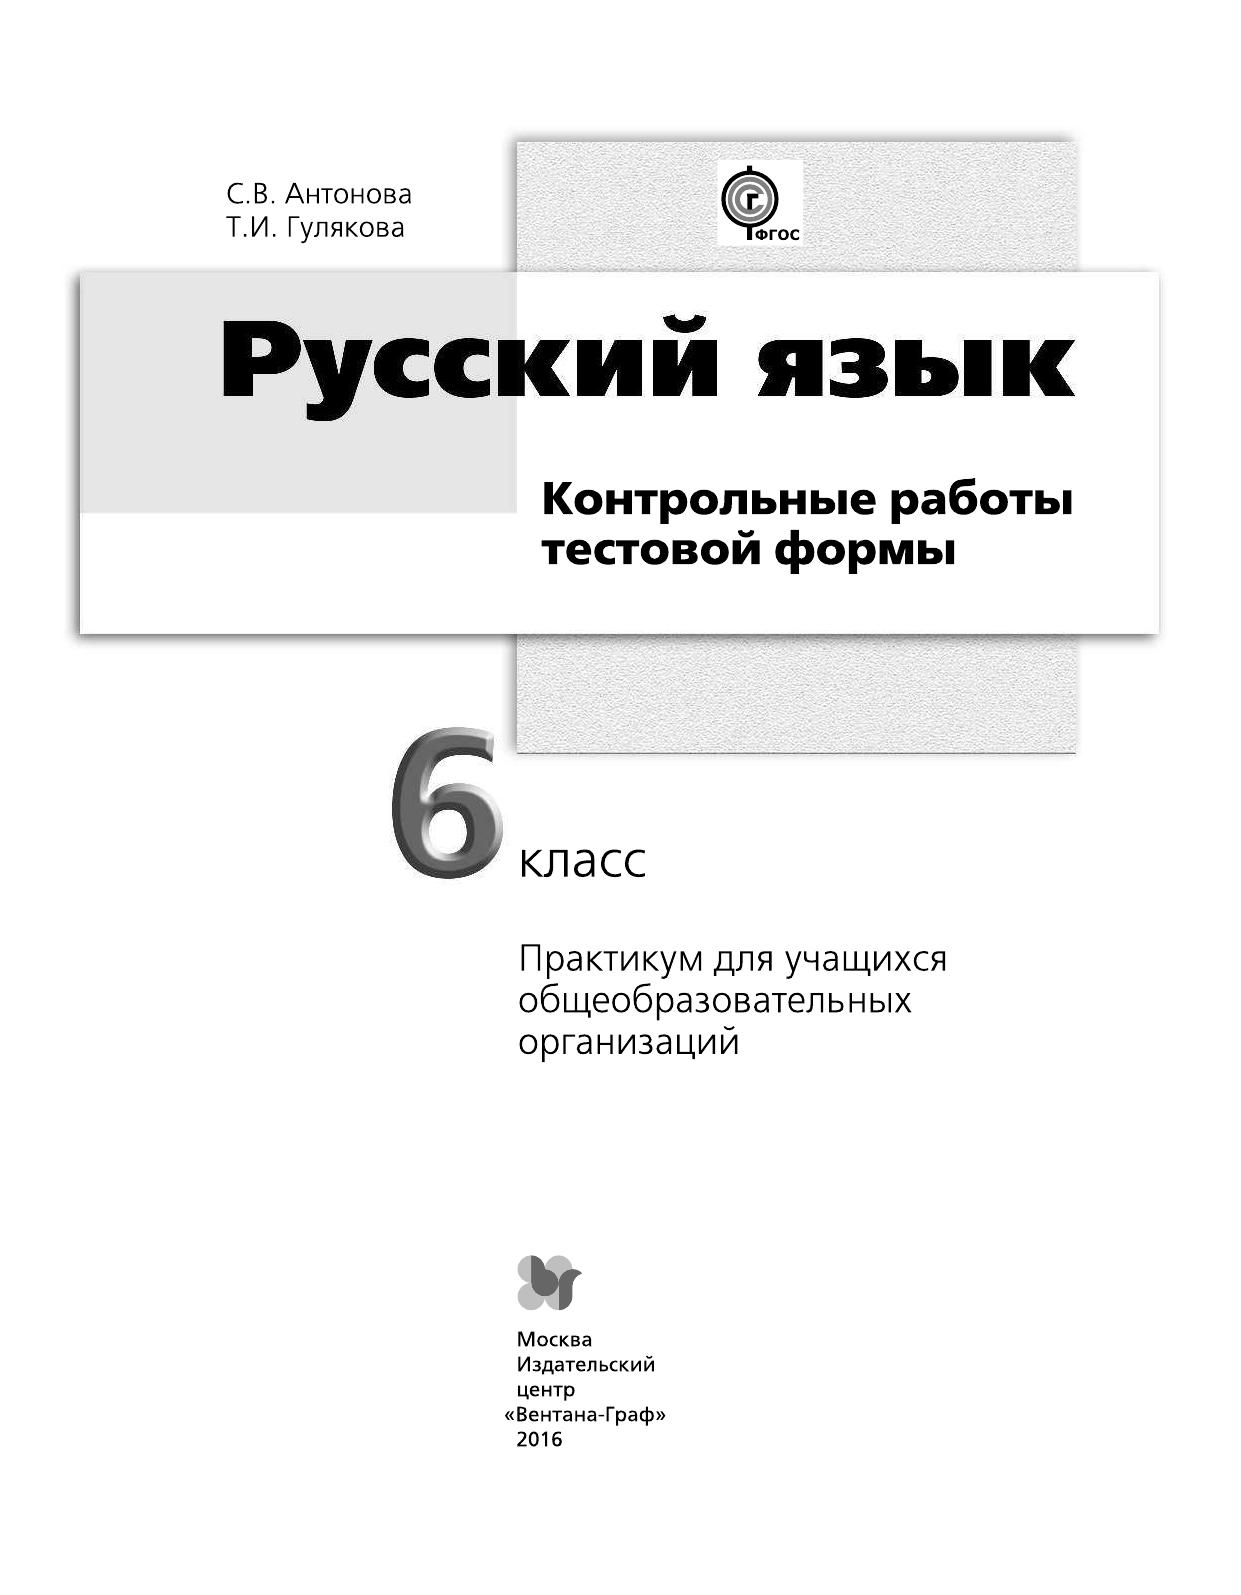 Гдз По Русском Языку 5 Класса Контрольные Работы Тестовой Формы